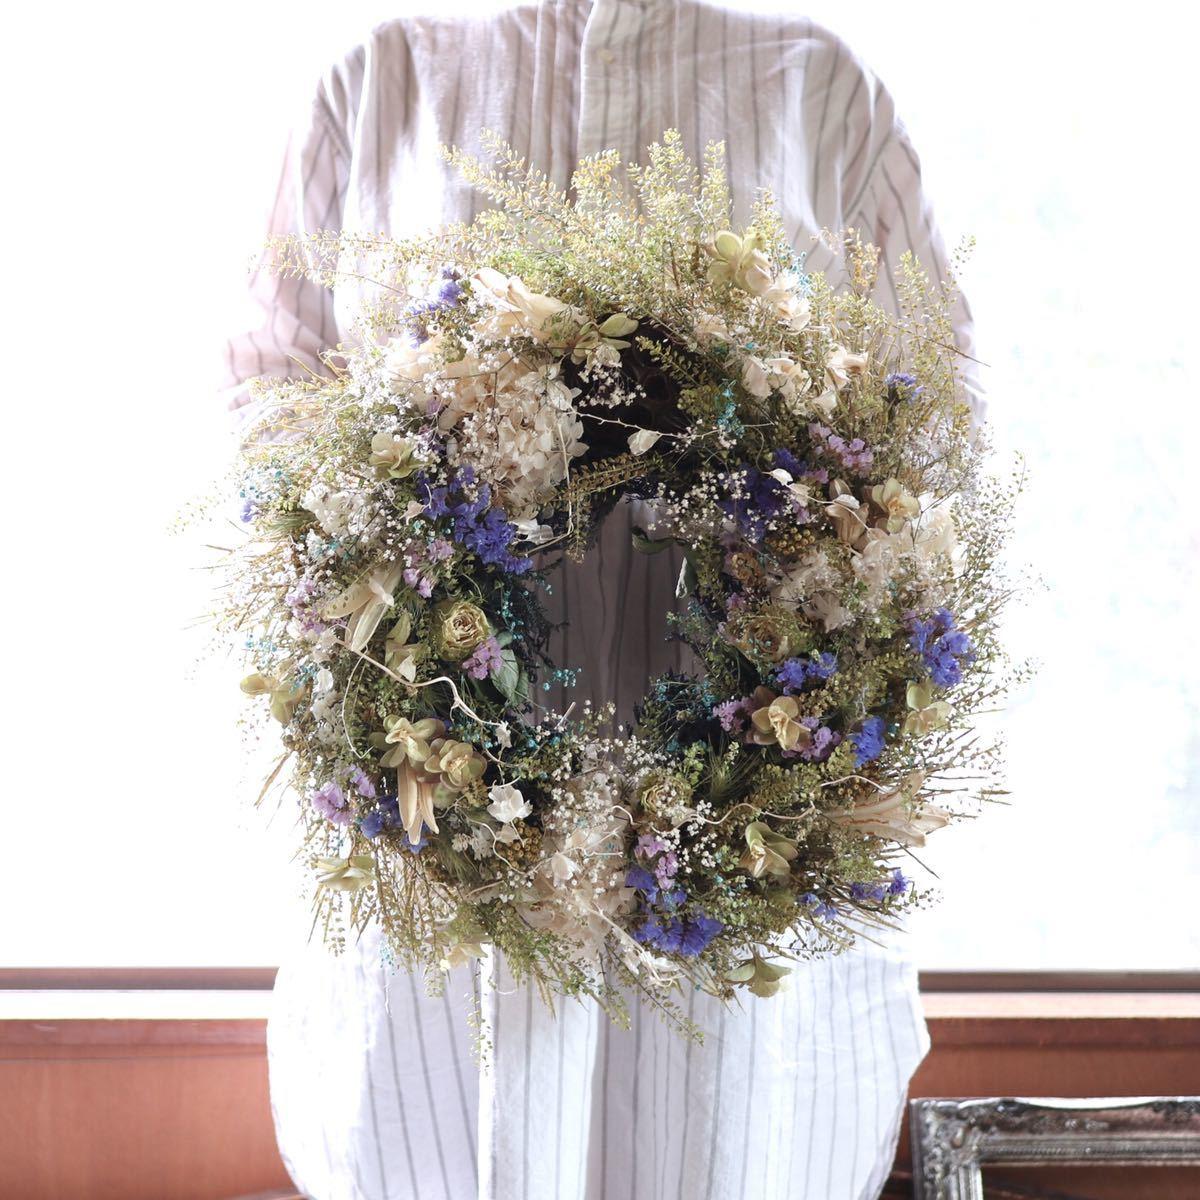 *kashun* L(38cm マメグンバイナズナとカラフルな小花のボリュームリース/ドライフラワー/プレゼント/新築祝い/開店祝い/誕生日プレゼント_画像2